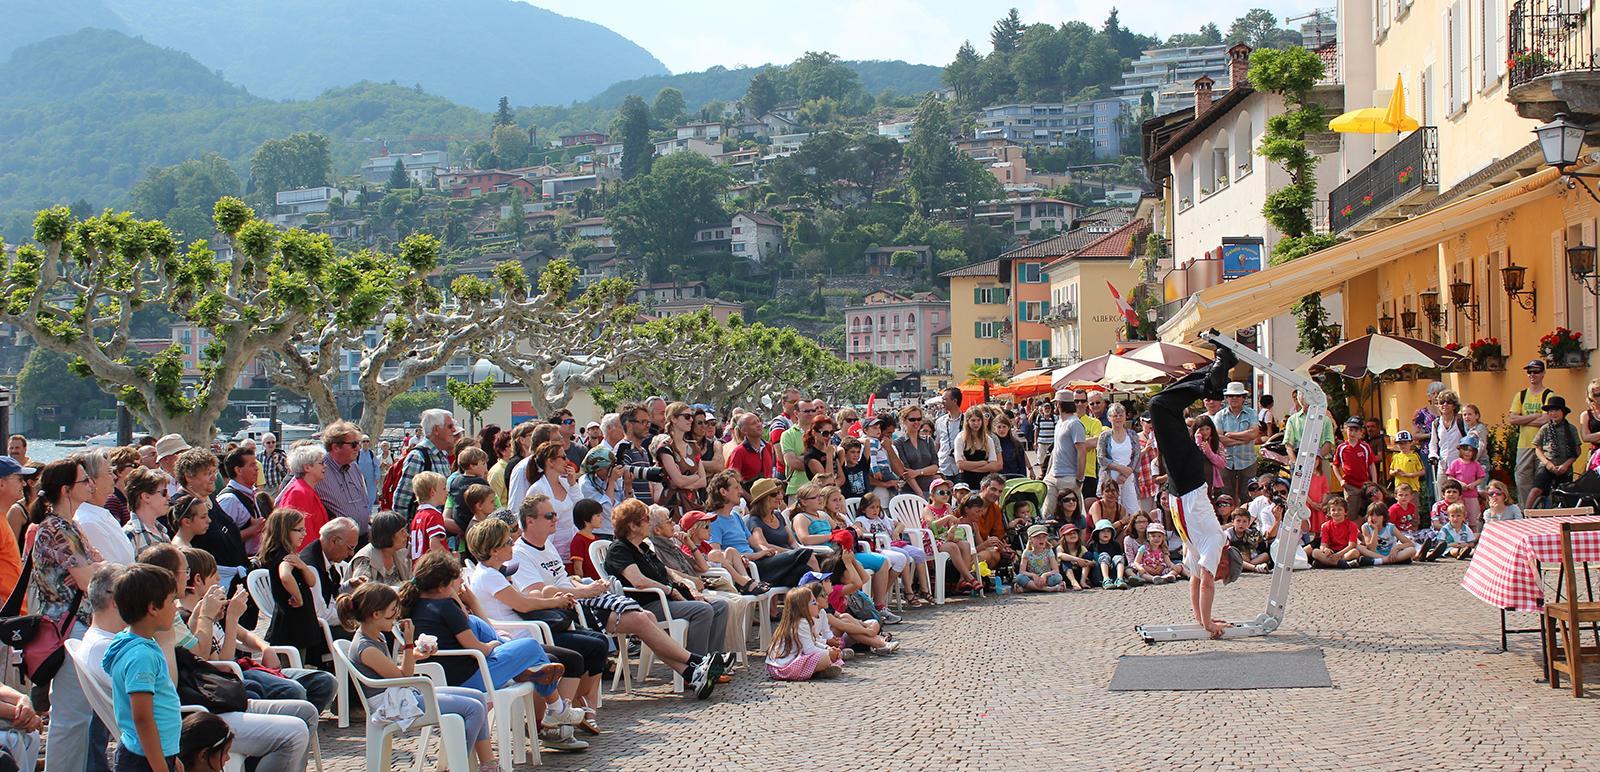 Strassenkünstler beim internationalen Festival in Ascona